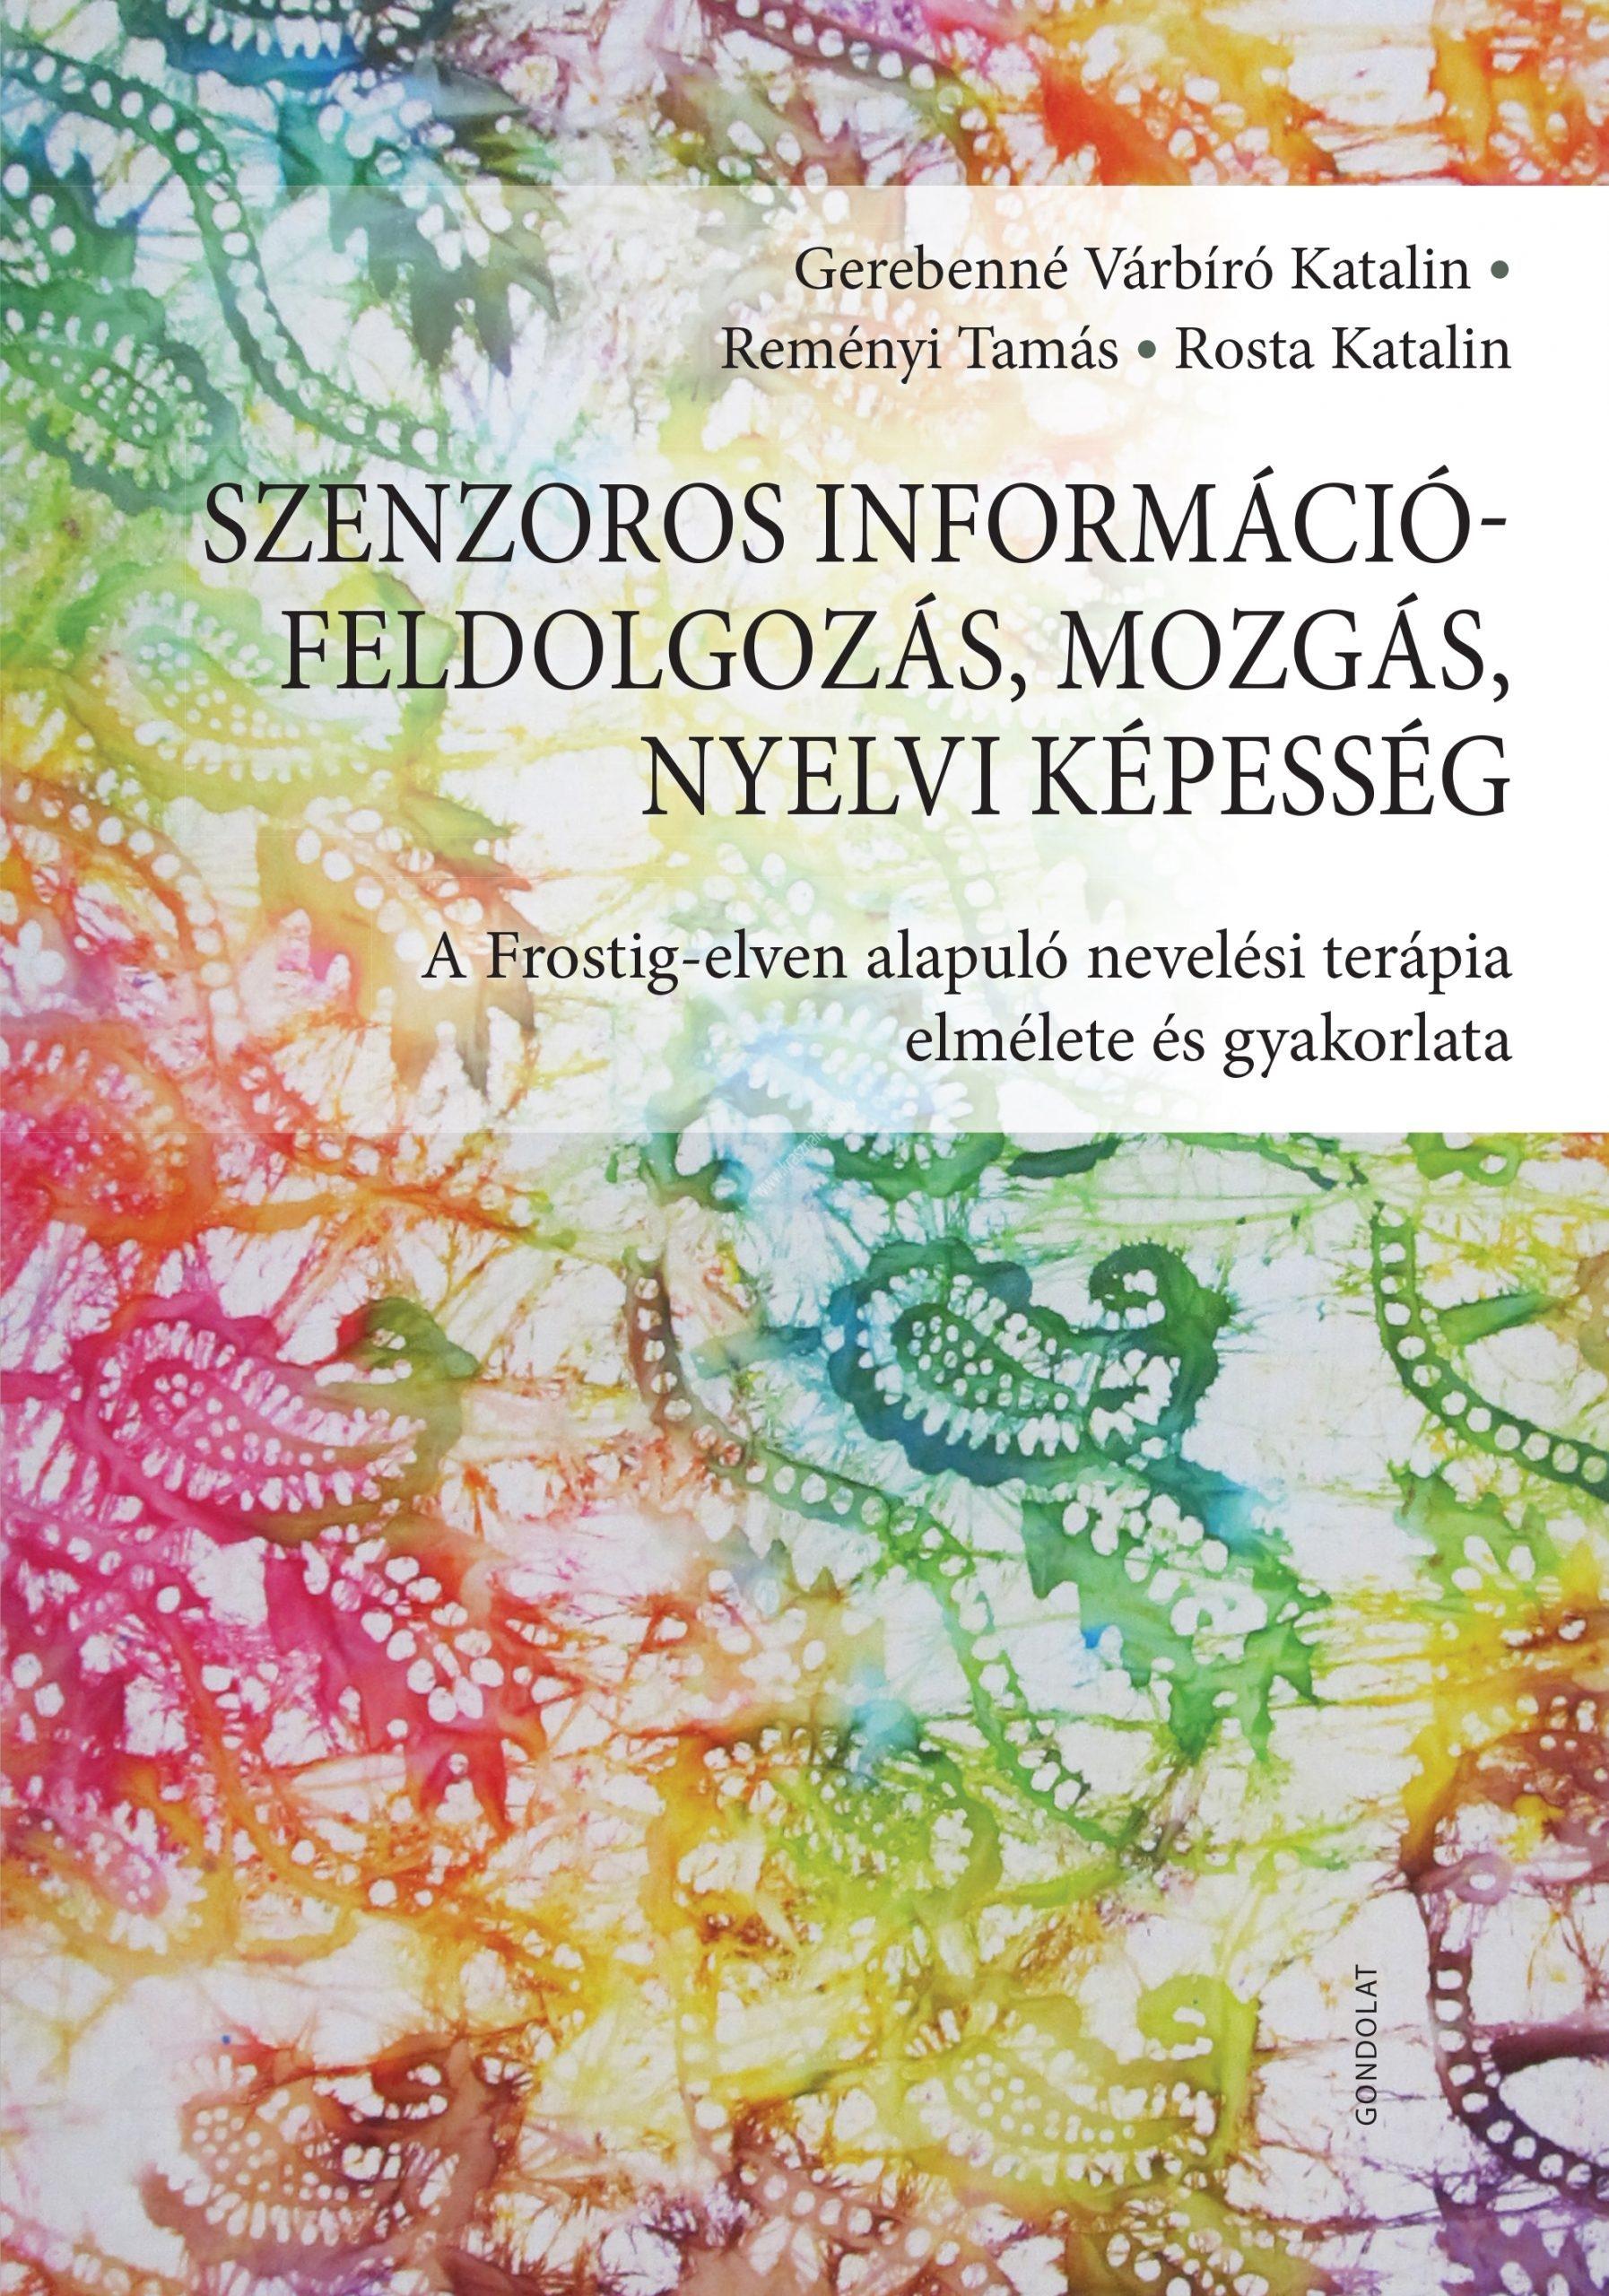 szenzoros-informaciofeldolgozas-mozgas-nyelvi-kepesseg-a frostig-elven-alapulo-nevelesei-terapia-elmelete-es-gyakorlata